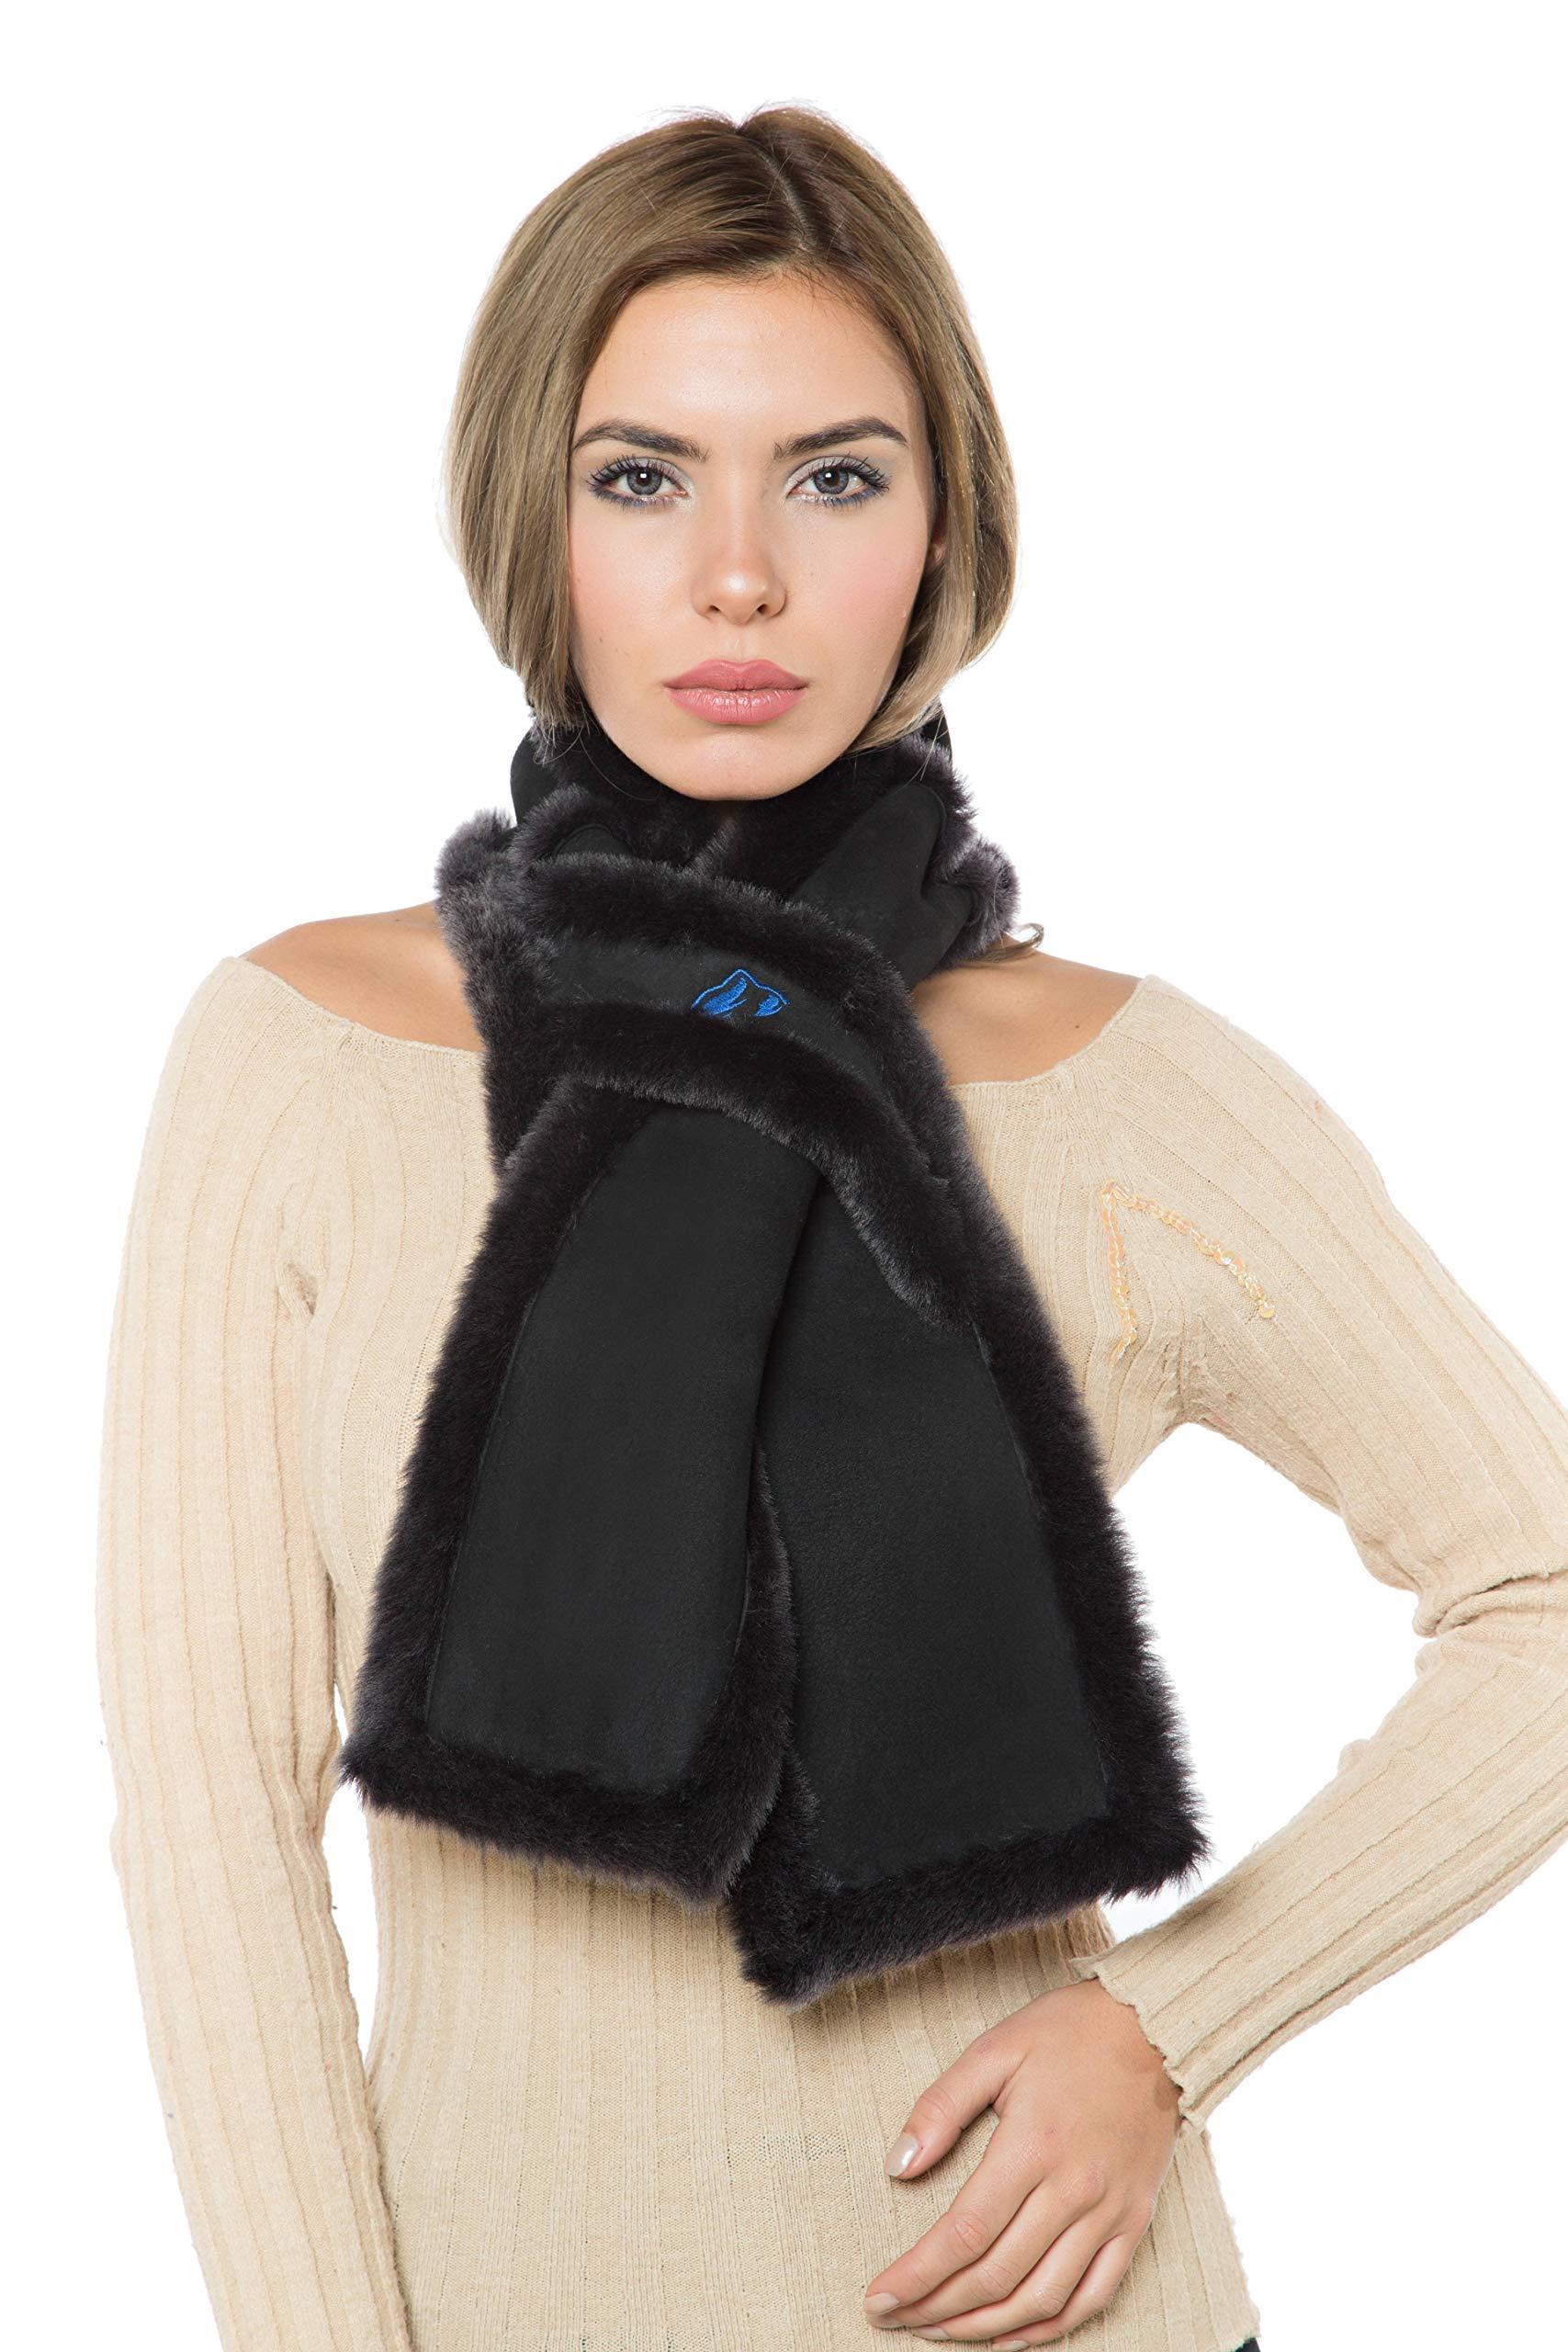 ACQUIT Women's/Men's Genuine Sheepskin Shearling Wool (not sherpa) Scarf (Charcoal)